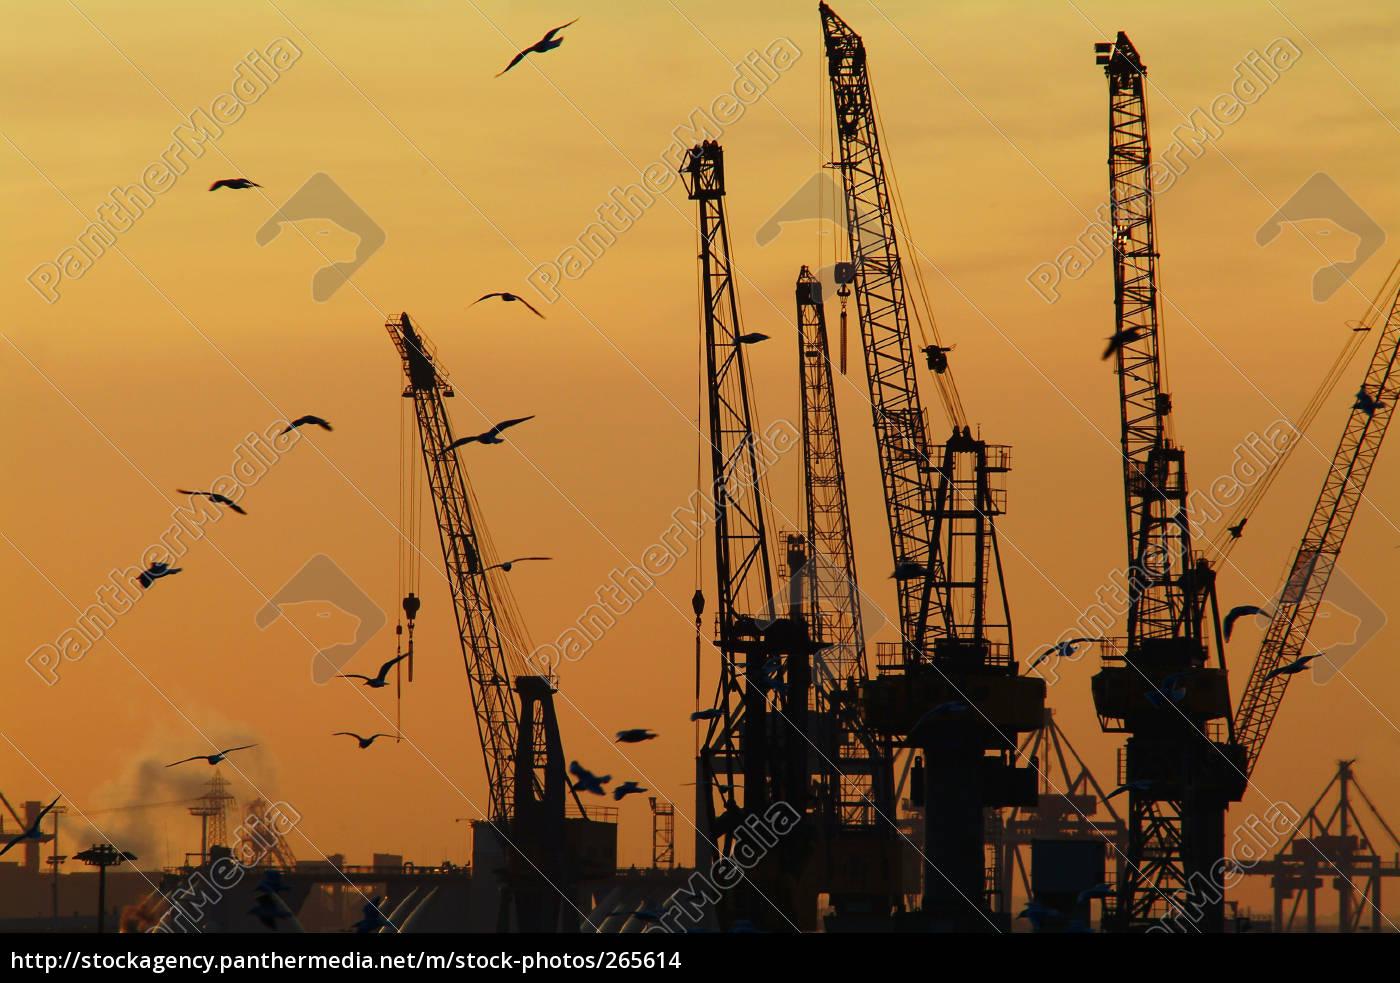 cranes - 265614